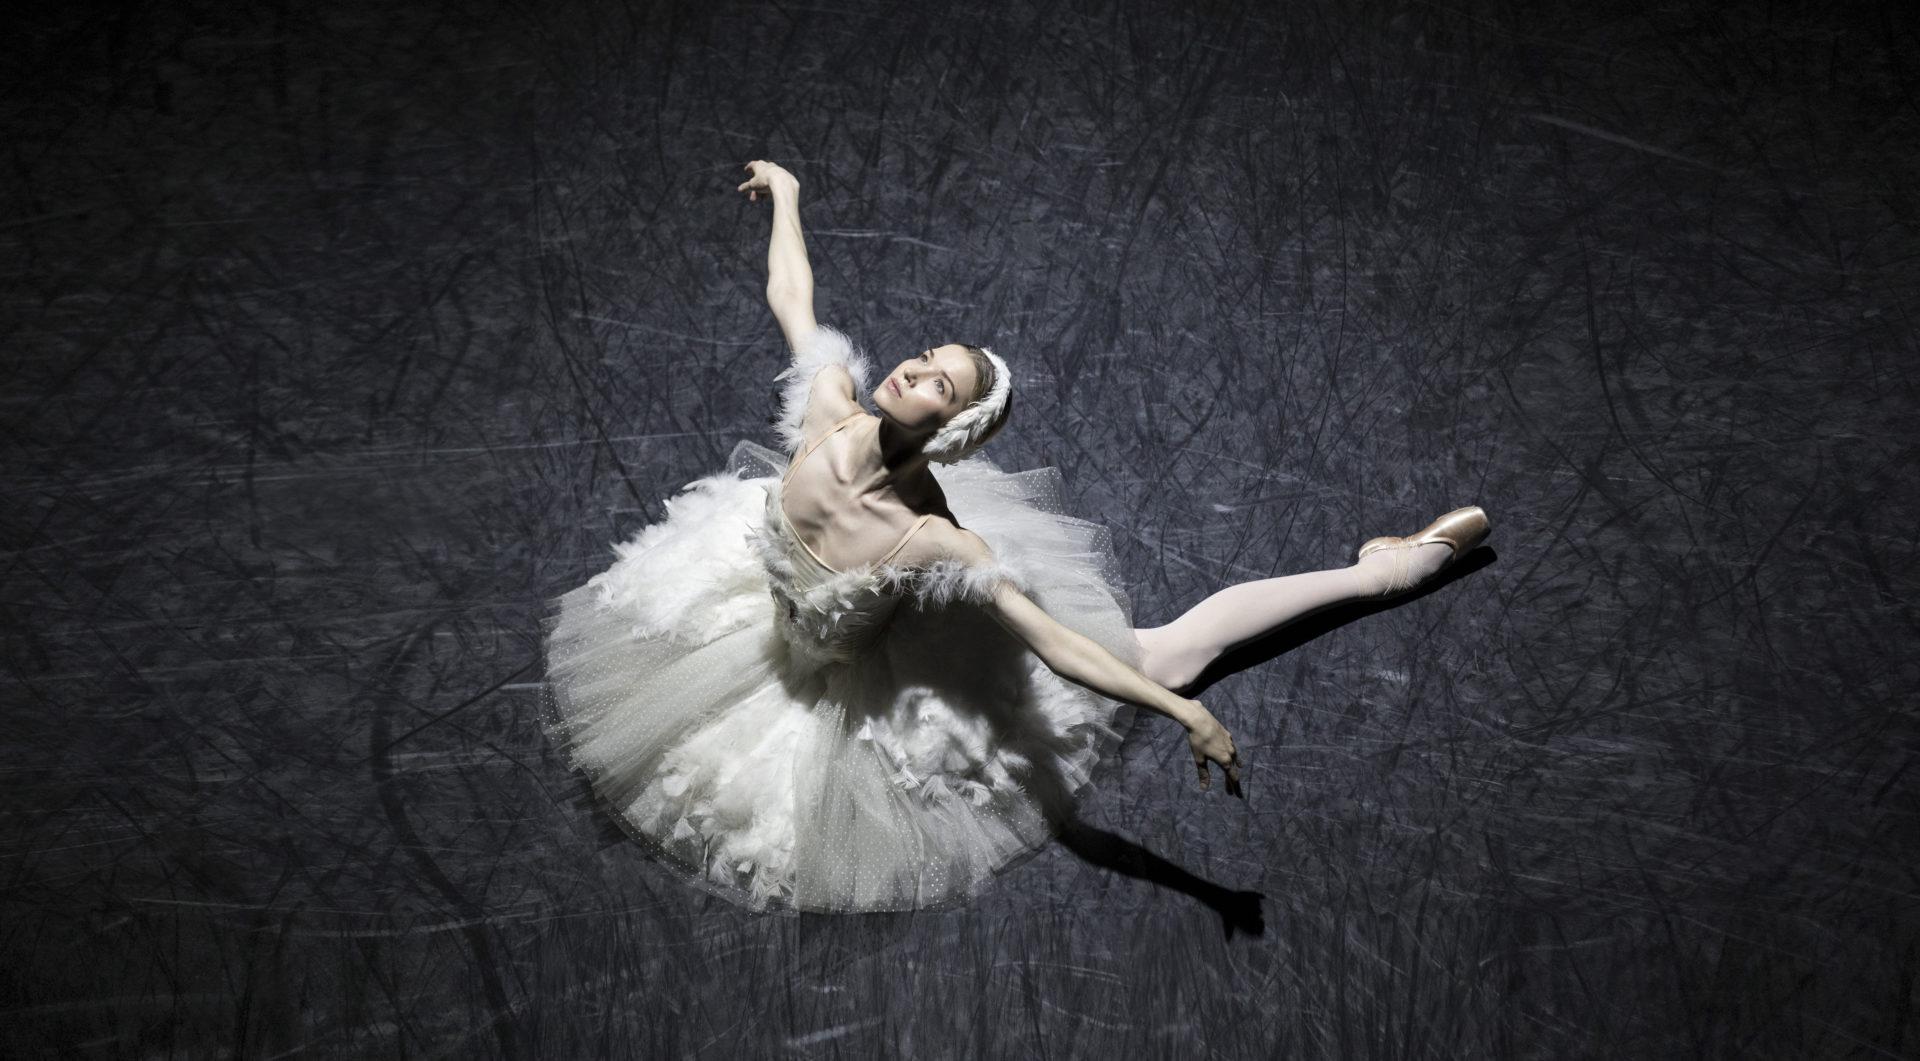 сомова наталья балерина фото ощущение